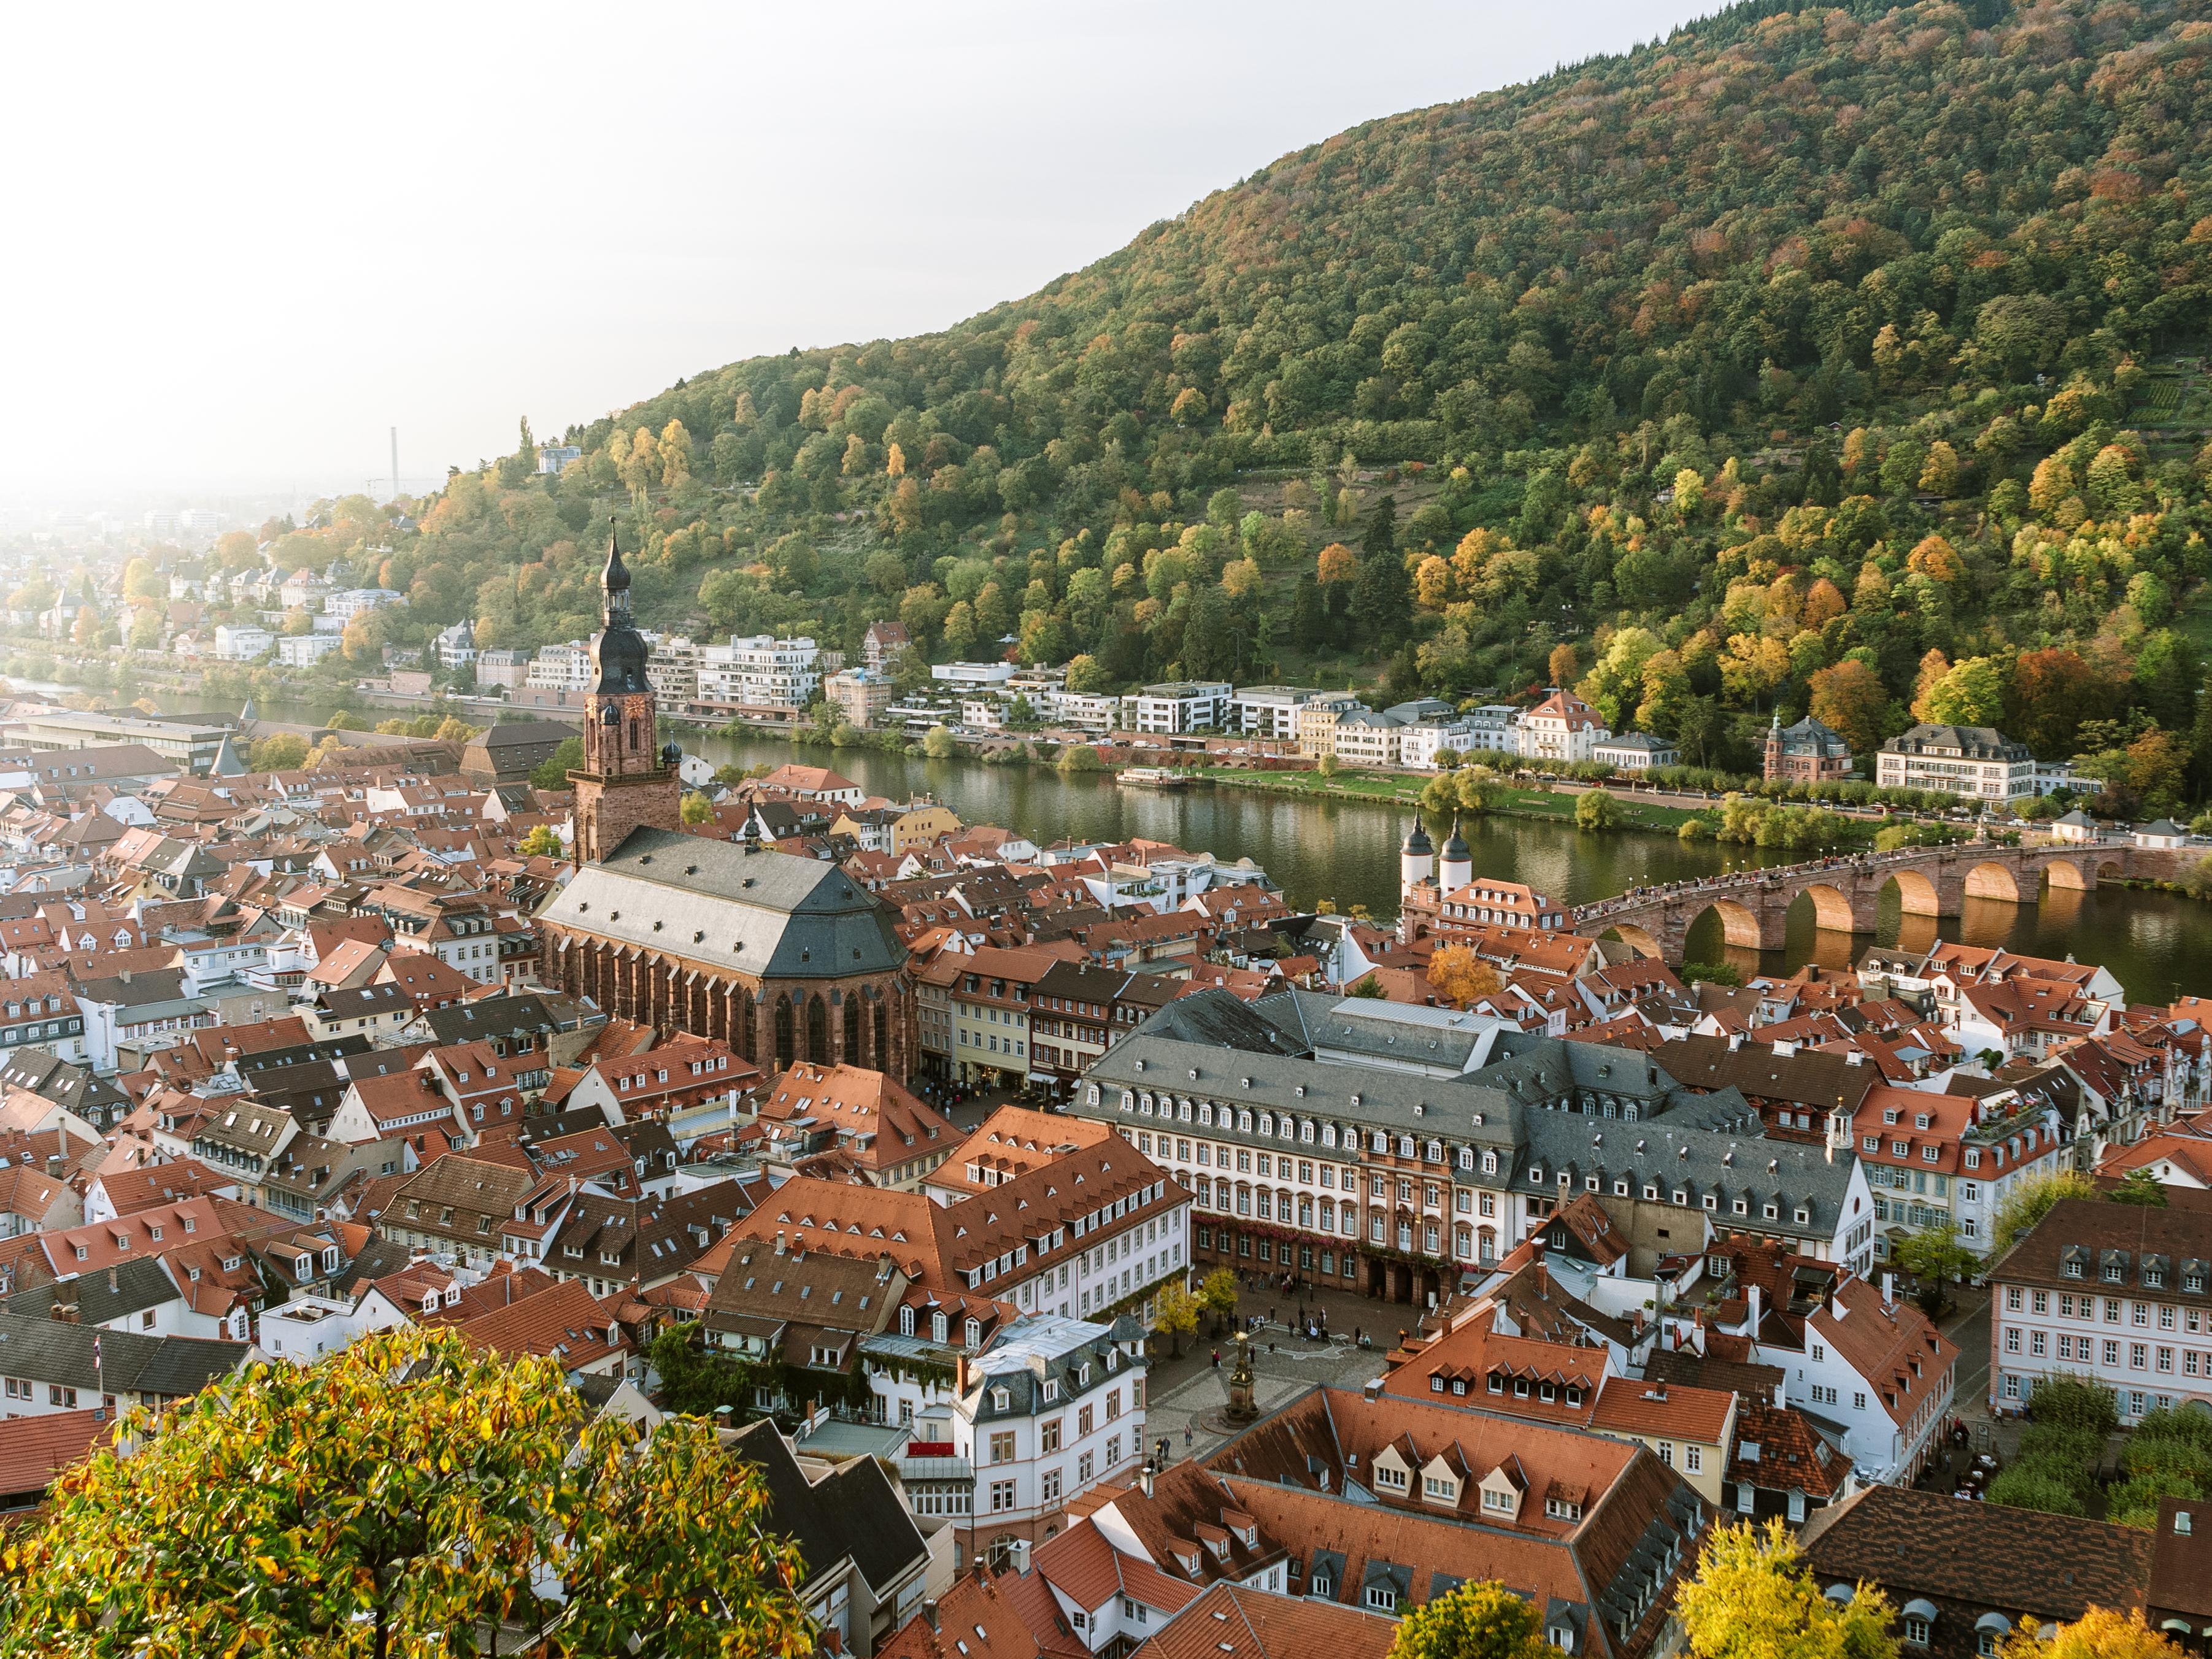 La cárcel de estudiantes de Heidelberg - Alemania Circuito Lo Mejor de la Selva Negra